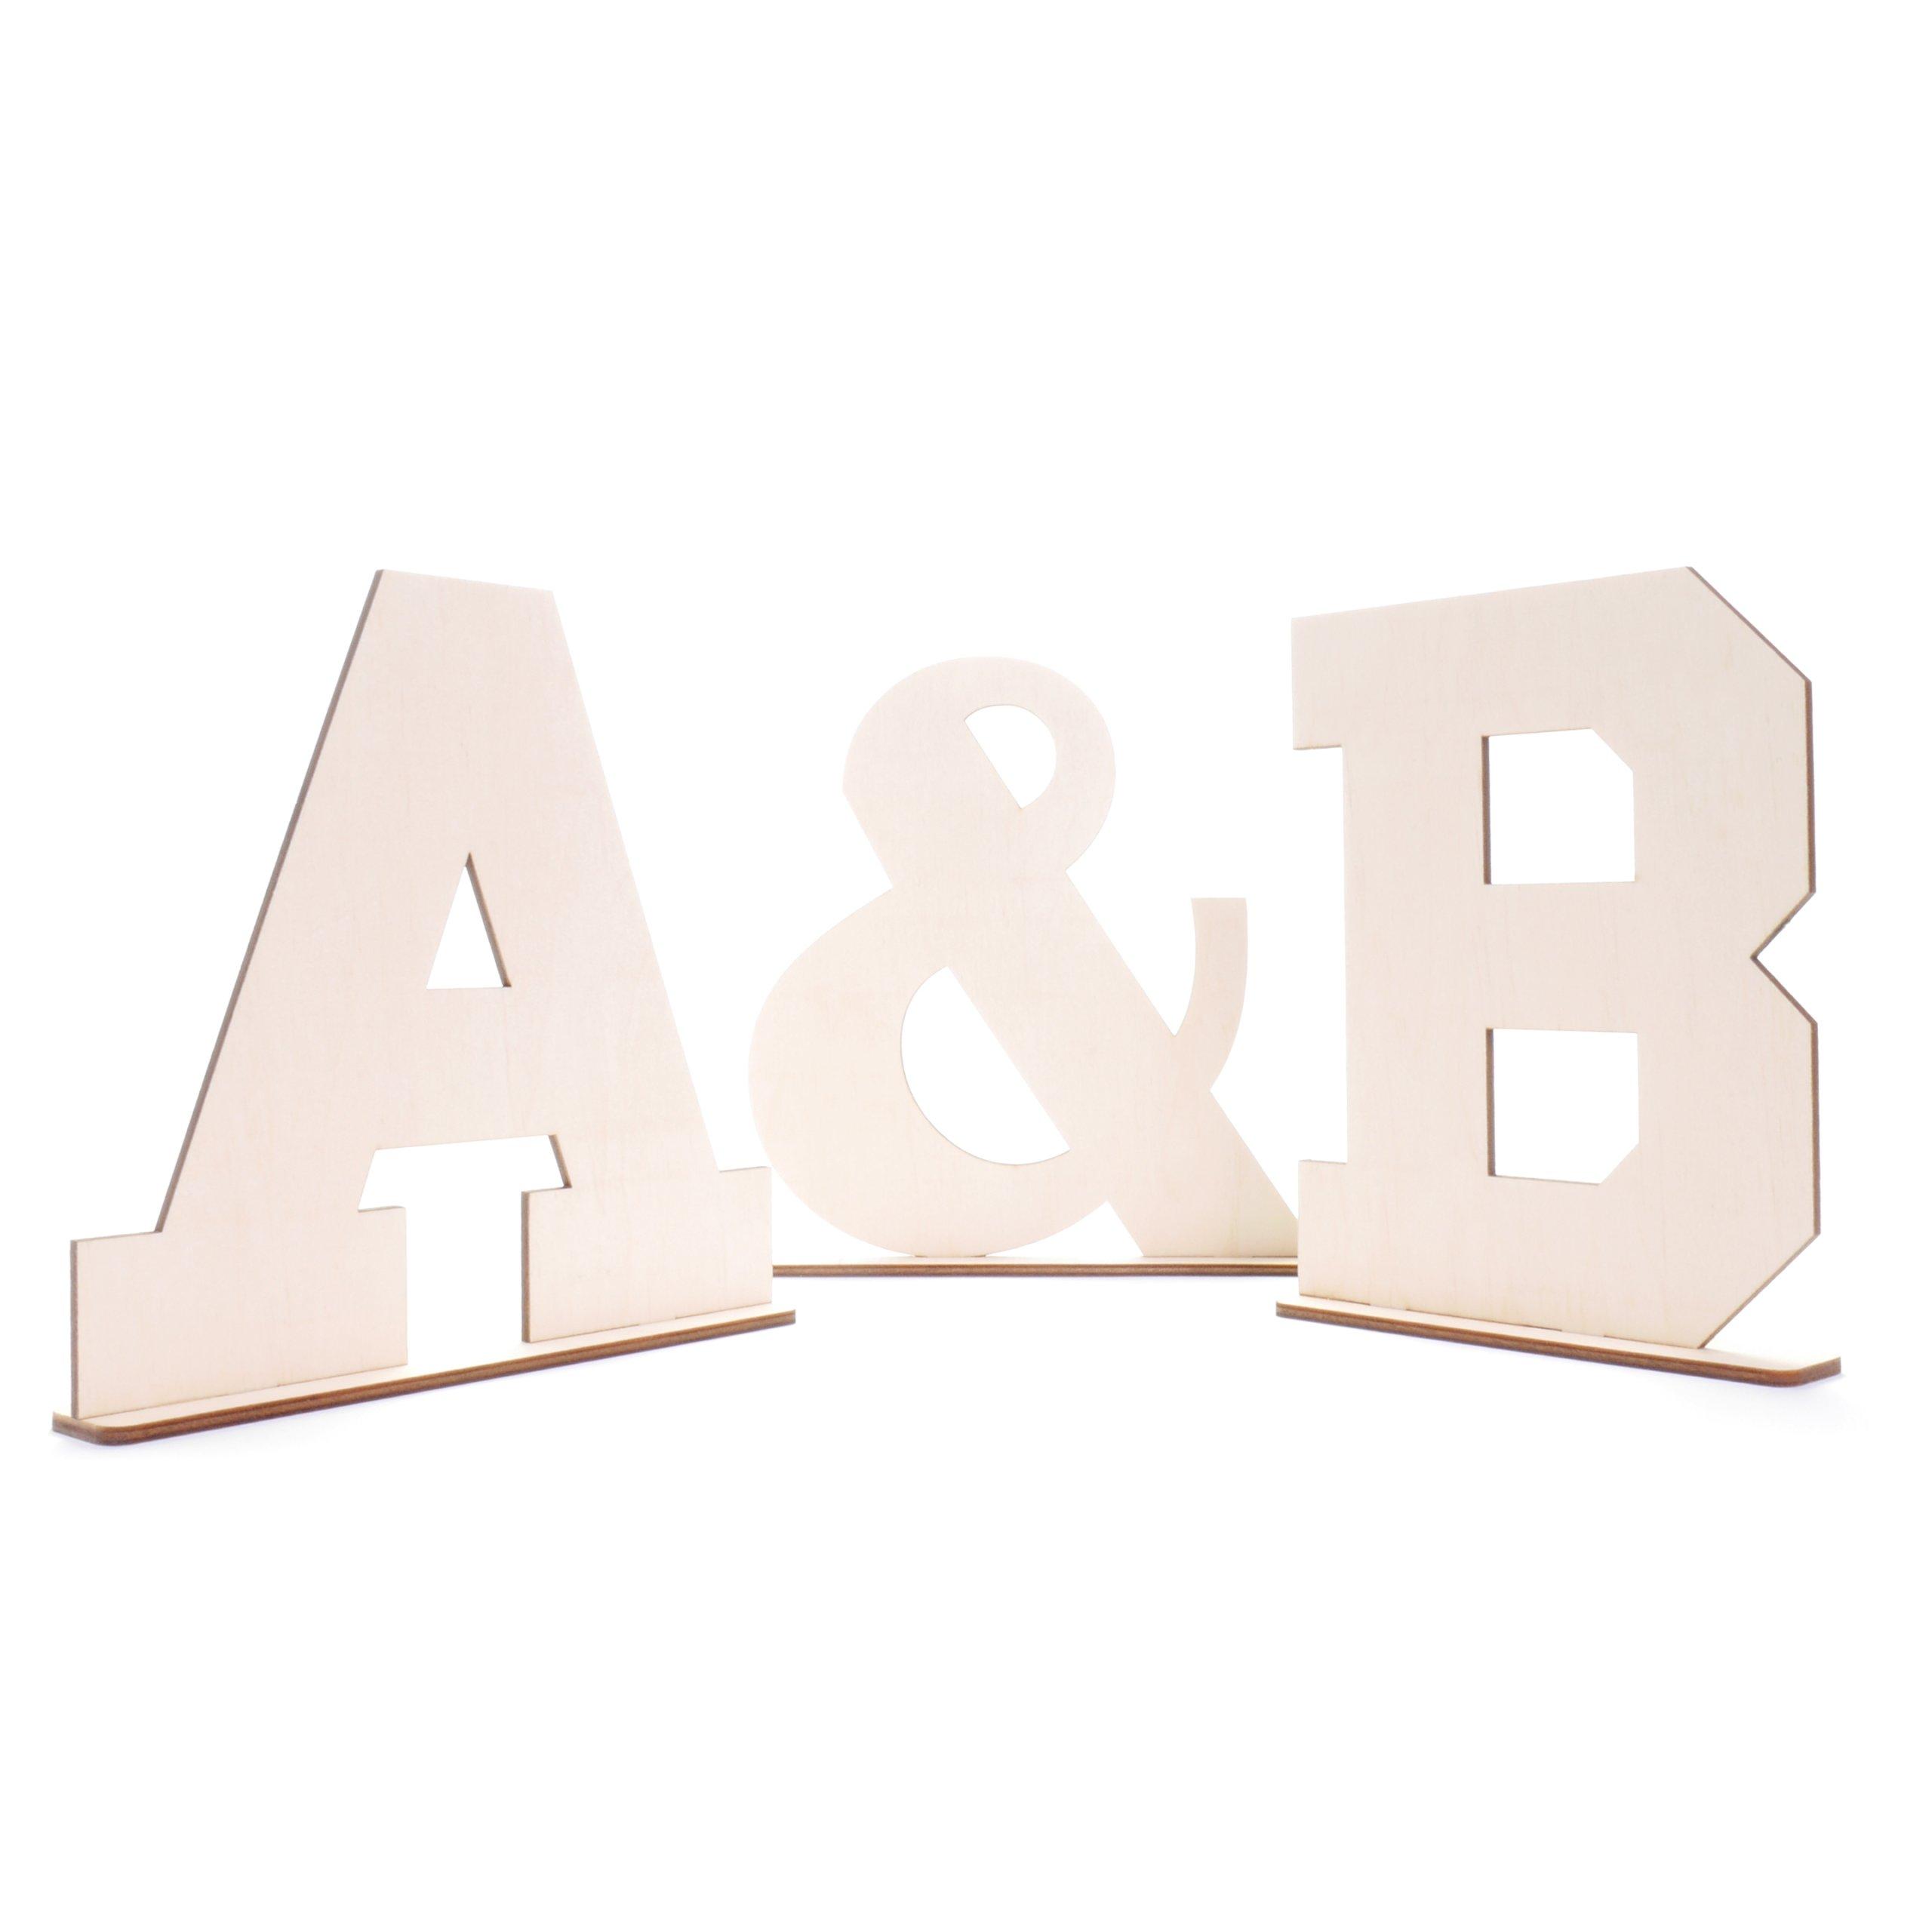 после свадебный алфавит картинки избежать подобных